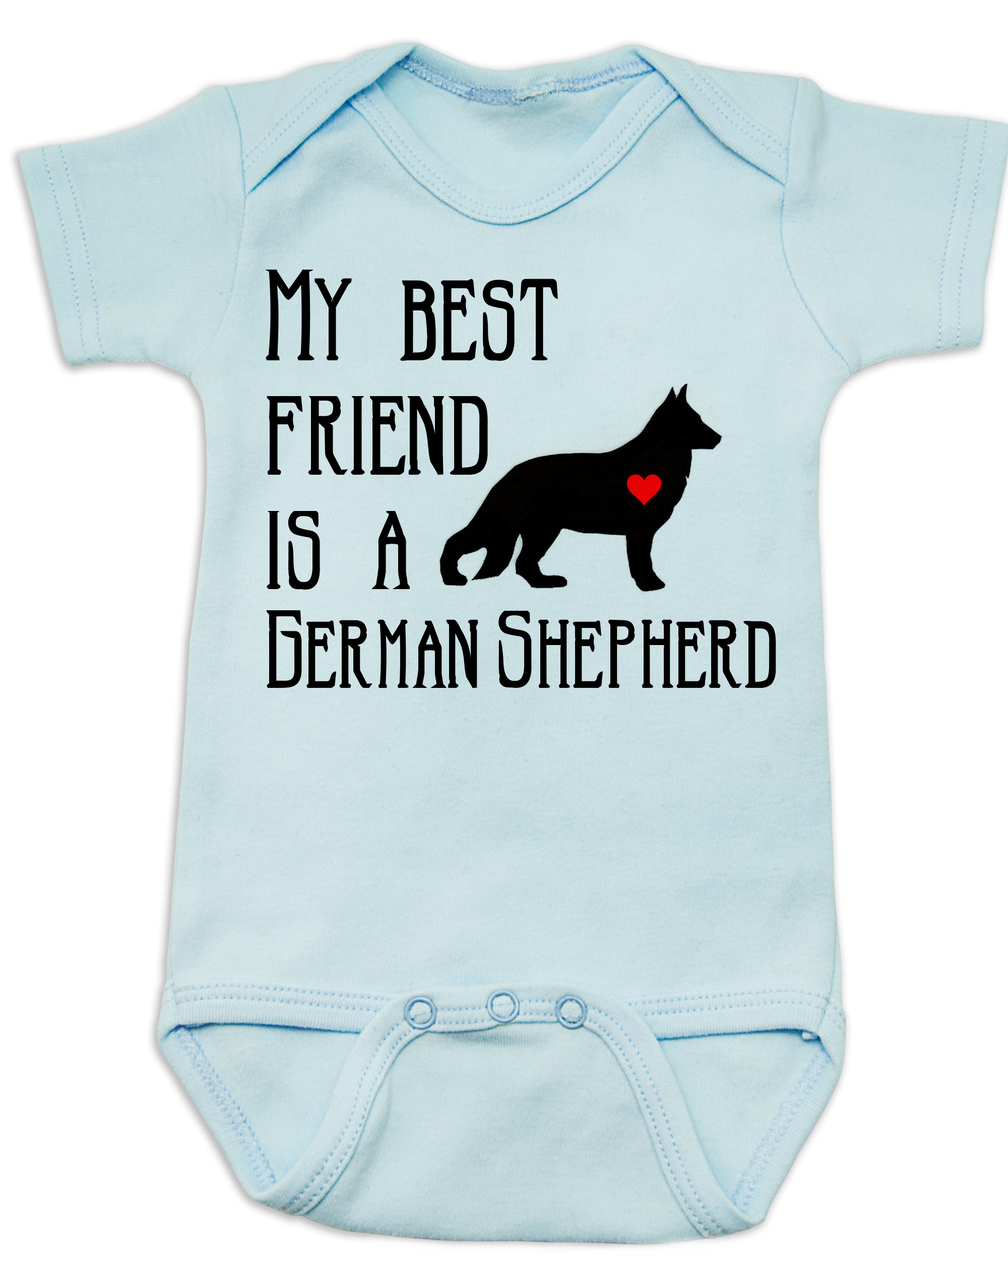 06c27c3ea My Best Friend is a German Shepherd Baby Bodysuit, Shepherd Puppy Love  Onsie, Babies